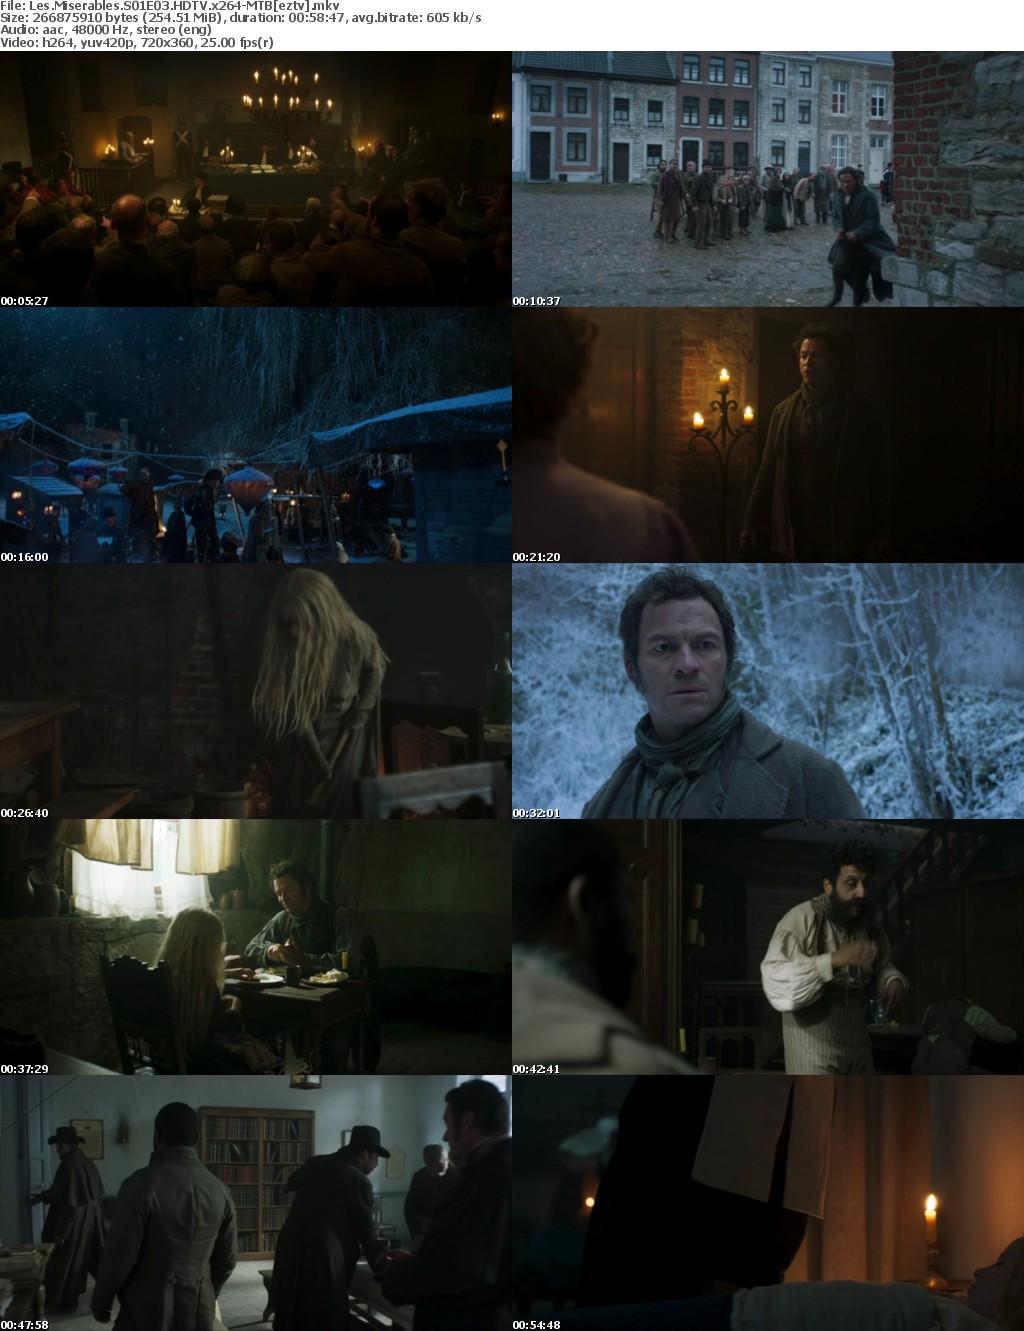 Les Miserables S01E03 HDTV x264-MTB